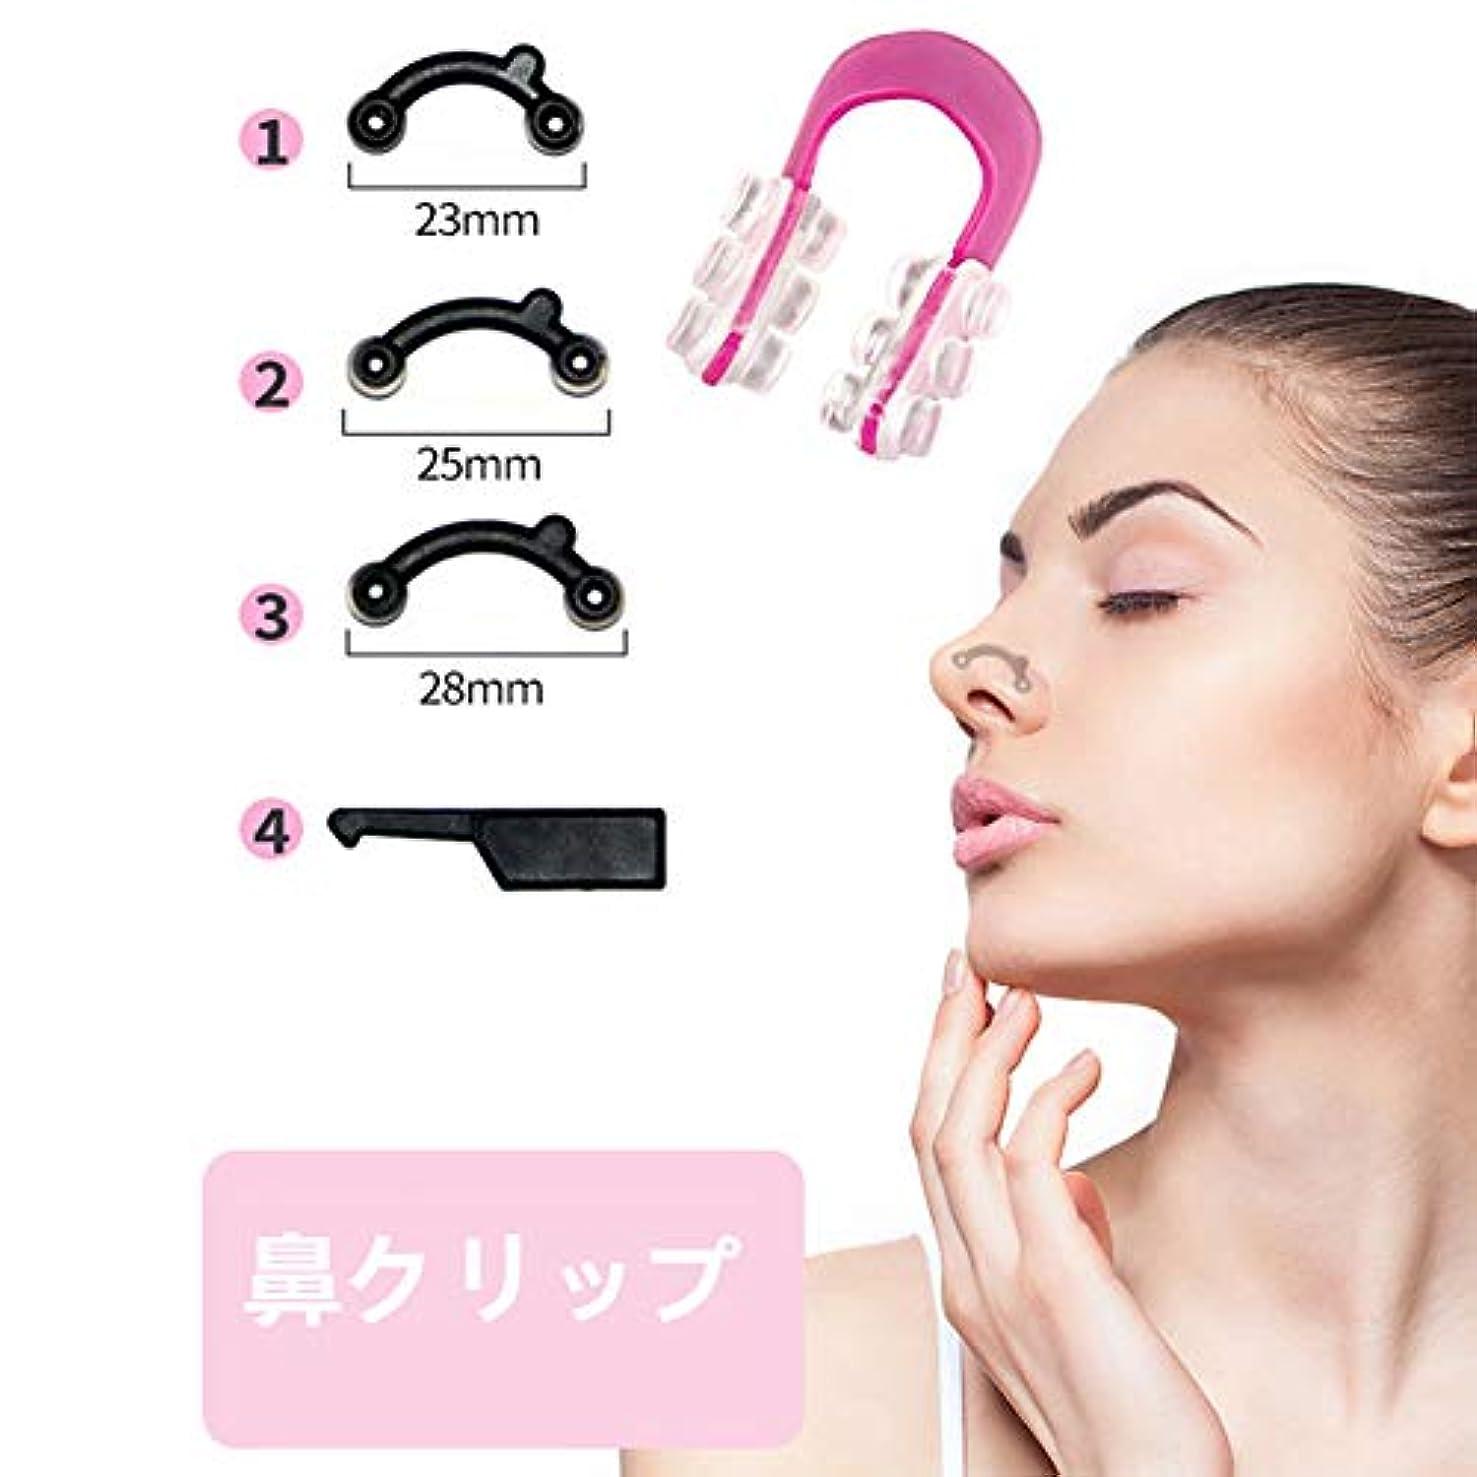 アスリート混合テーマNITIUMI 鼻クリップ ノーズクリップ 鼻筋セレブ 柔軟性高く 抗菌シリコンで 痛くない 正規品 矯正プチ 整形せず 23mm/25mm/28mm全3サイズセット